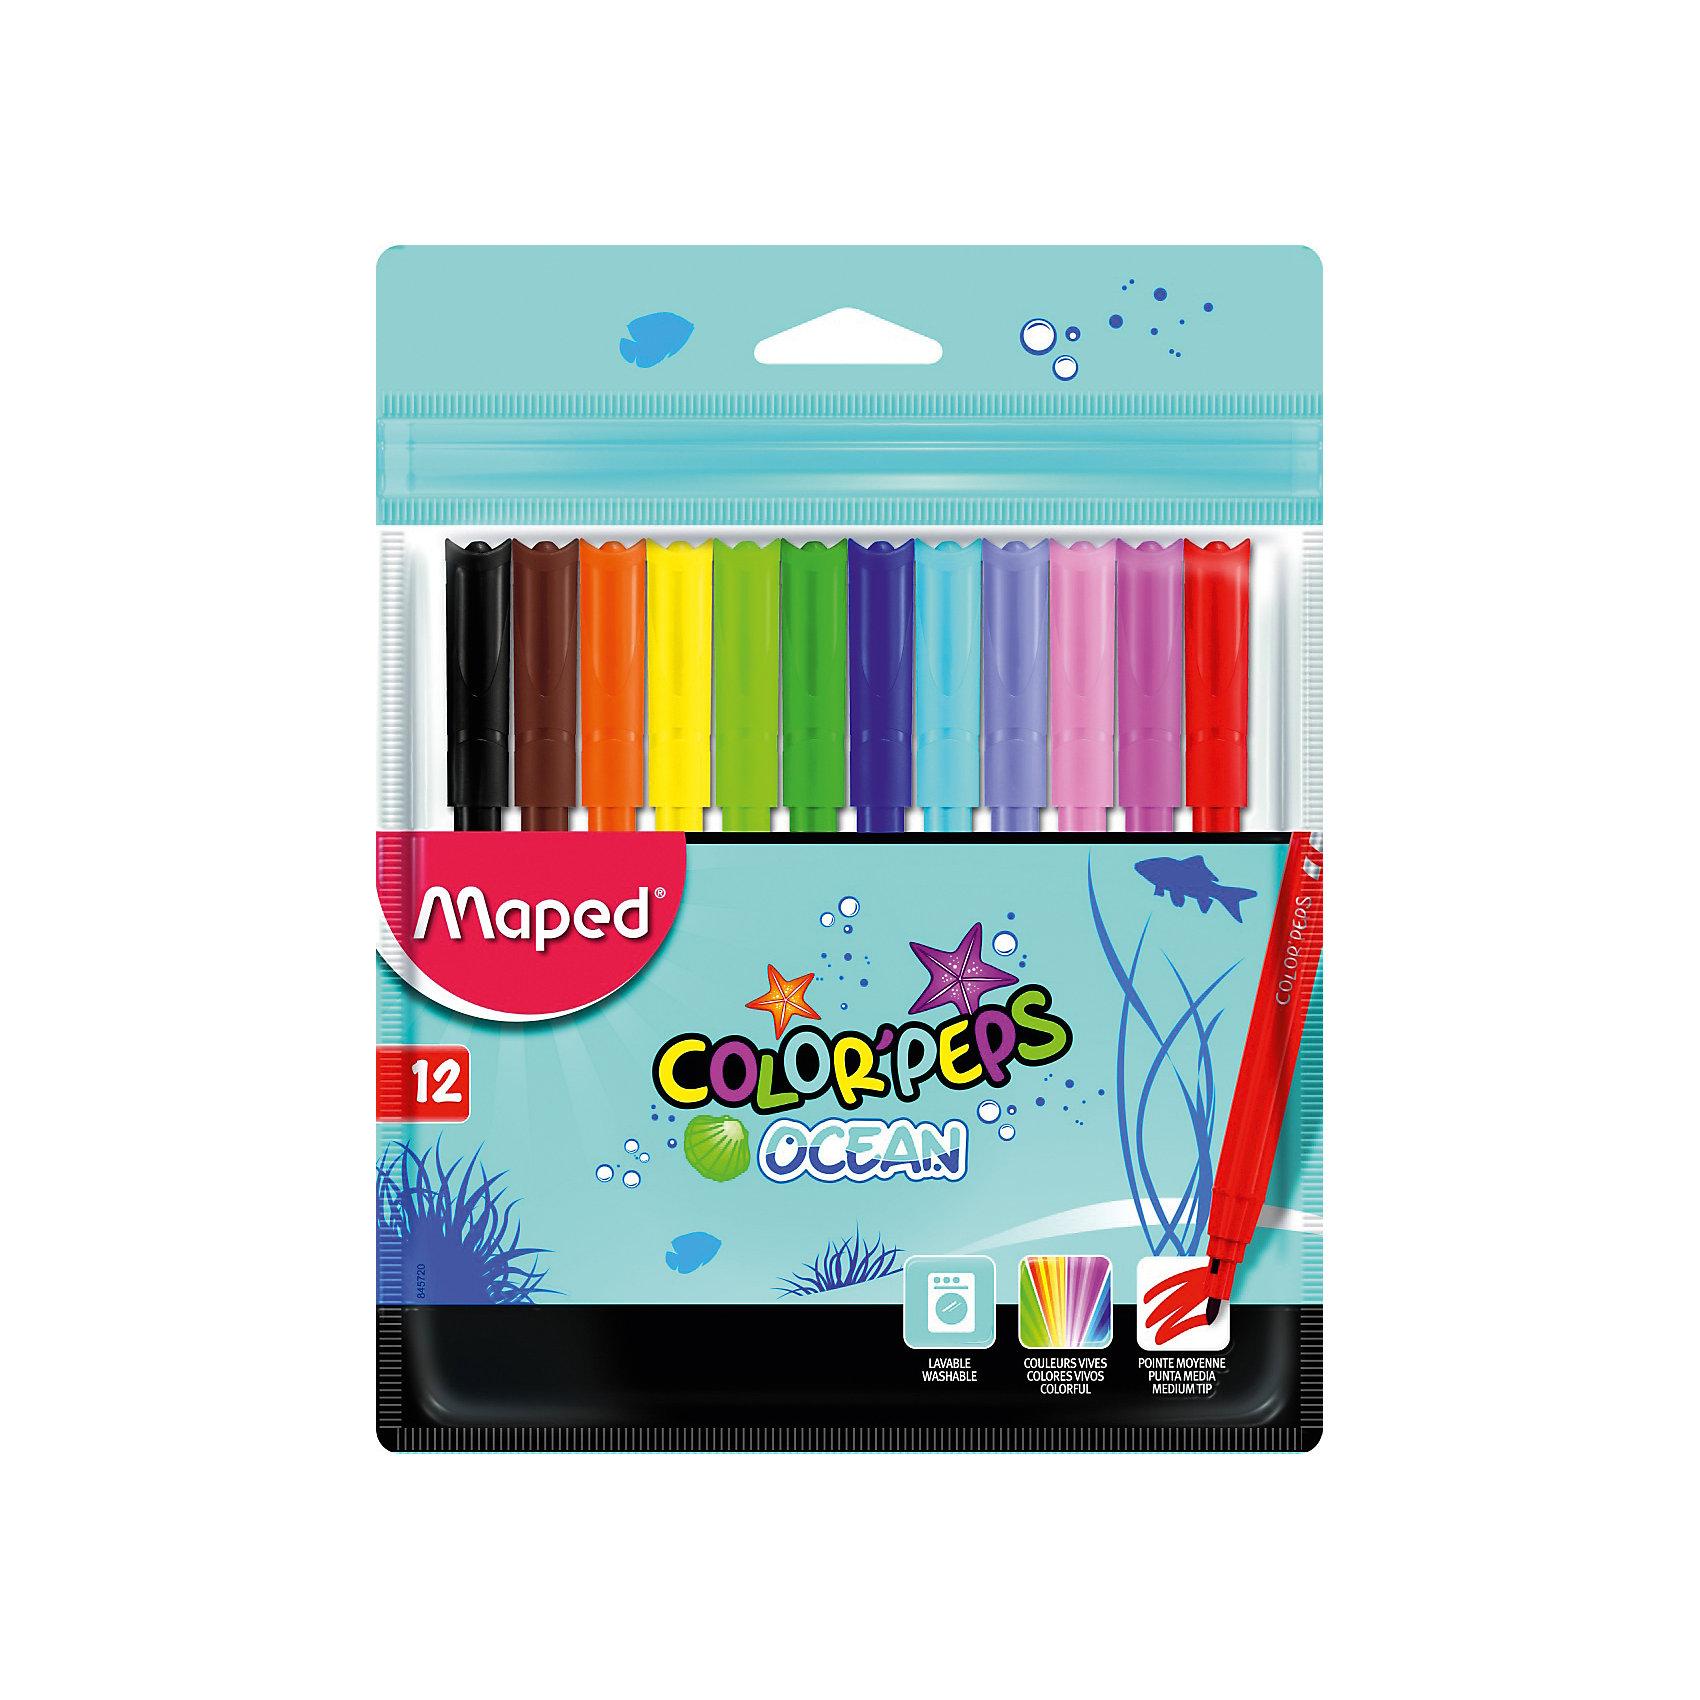 Фломастеры Maped, 12 цветовФломастеры<br>Фломастеры серии COLORPEPS OCEAN с заблокированным пишущим узлом - суперсмываемые в пакете с подвесом. В наборе 12 штук. Яркие и насыщенные цвета. Бюджетное предложение. Смываются практически со всех видов ткани. Соответствуют действующим российским и европейским стандартам качества игрушек. Вентилируемый коплачок. Идеальны для раскрашивания, рисования и скетчей.<br><br>Ширина мм: 177<br>Глубина мм: 11<br>Высота мм: 136<br>Вес г: 75<br>Возраст от месяцев: 36<br>Возраст до месяцев: 2147483647<br>Пол: Унисекс<br>Возраст: Детский<br>SKU: 7065334